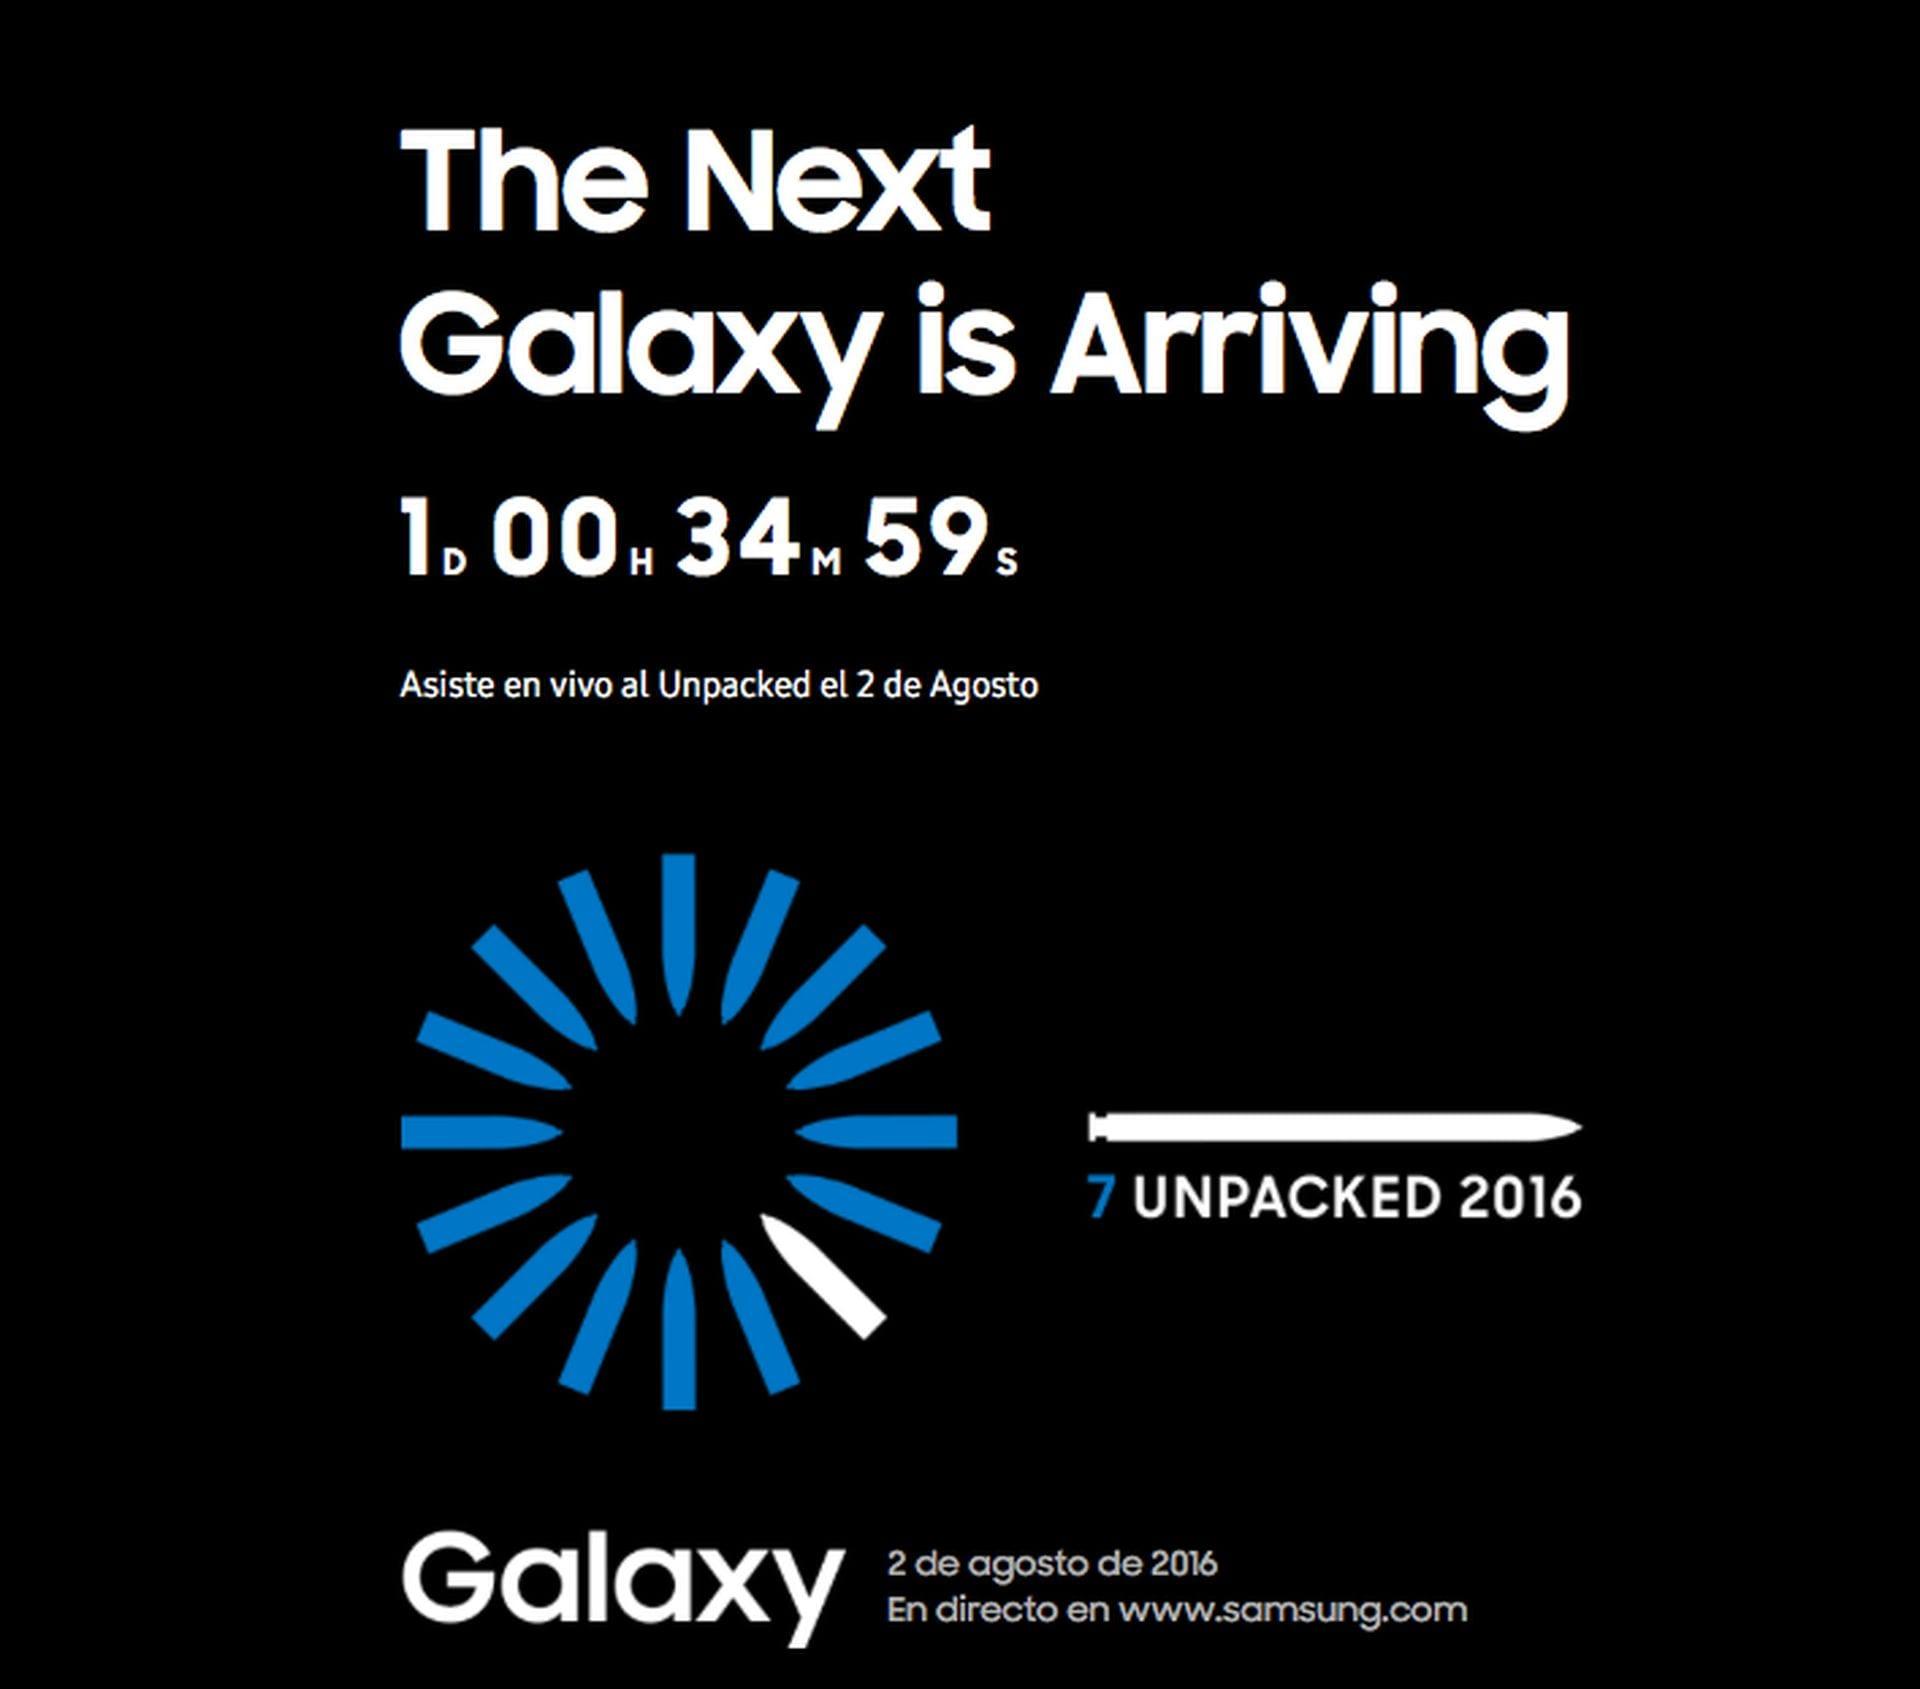 Samsung Galaxy Note 7 Unpacked 2016 en directo desde donde tu quieras